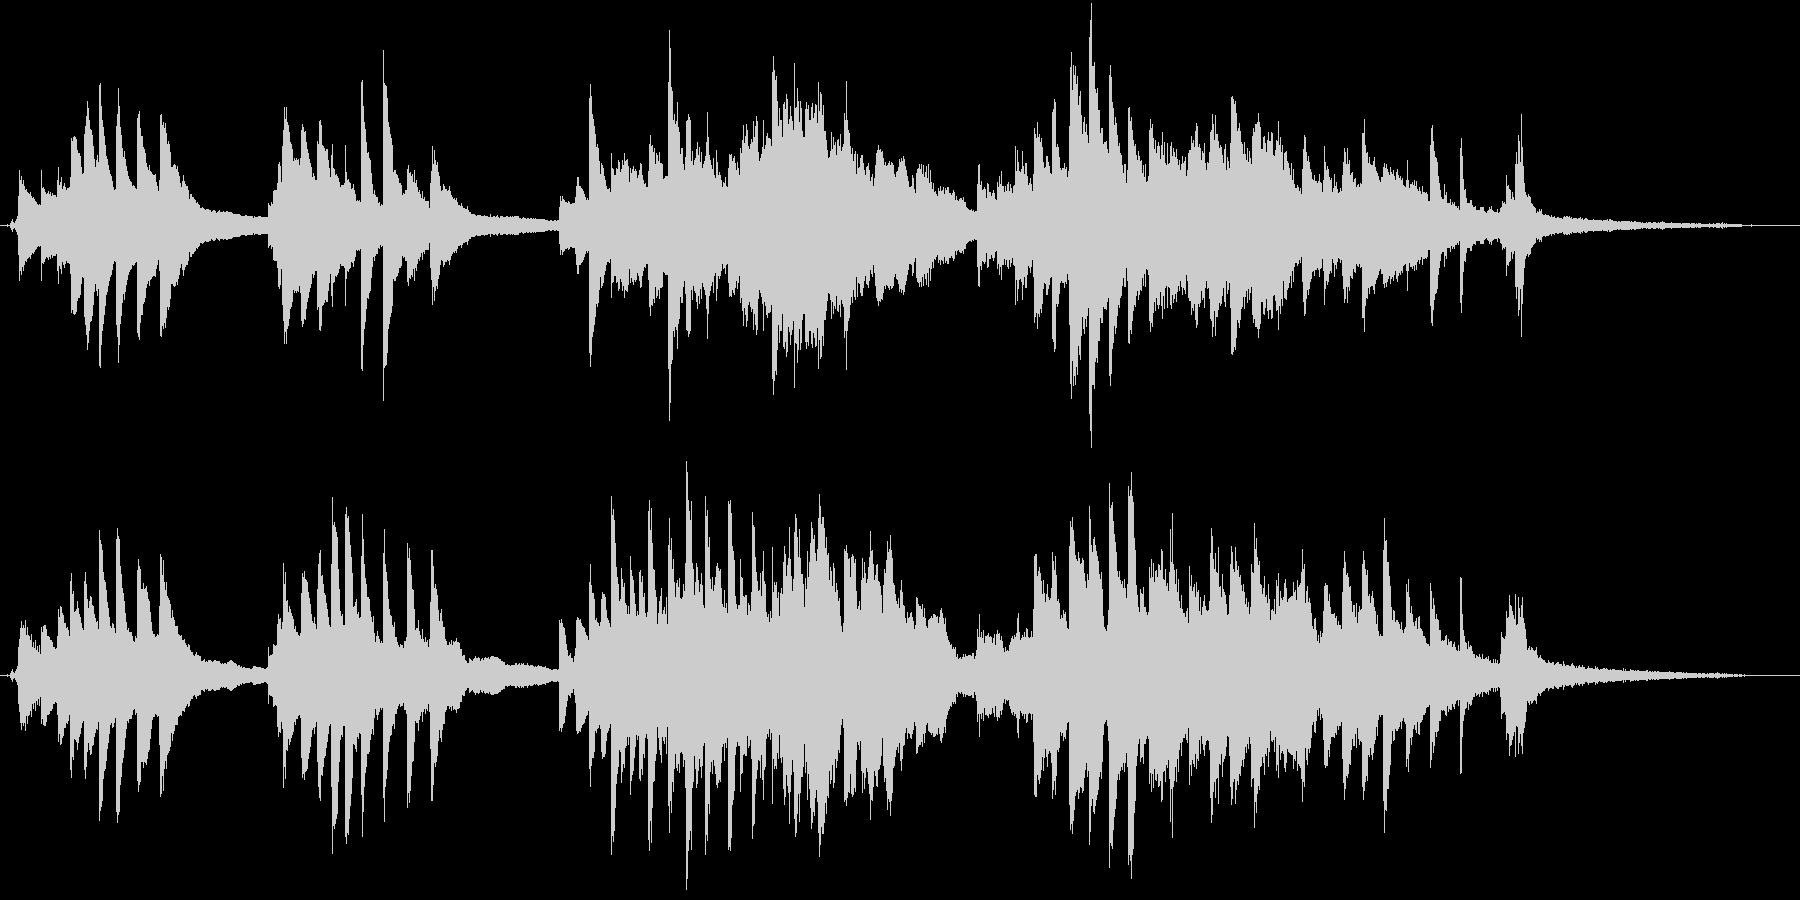 ピアノと弦楽の麗しいハーモニーのバラッドの未再生の波形